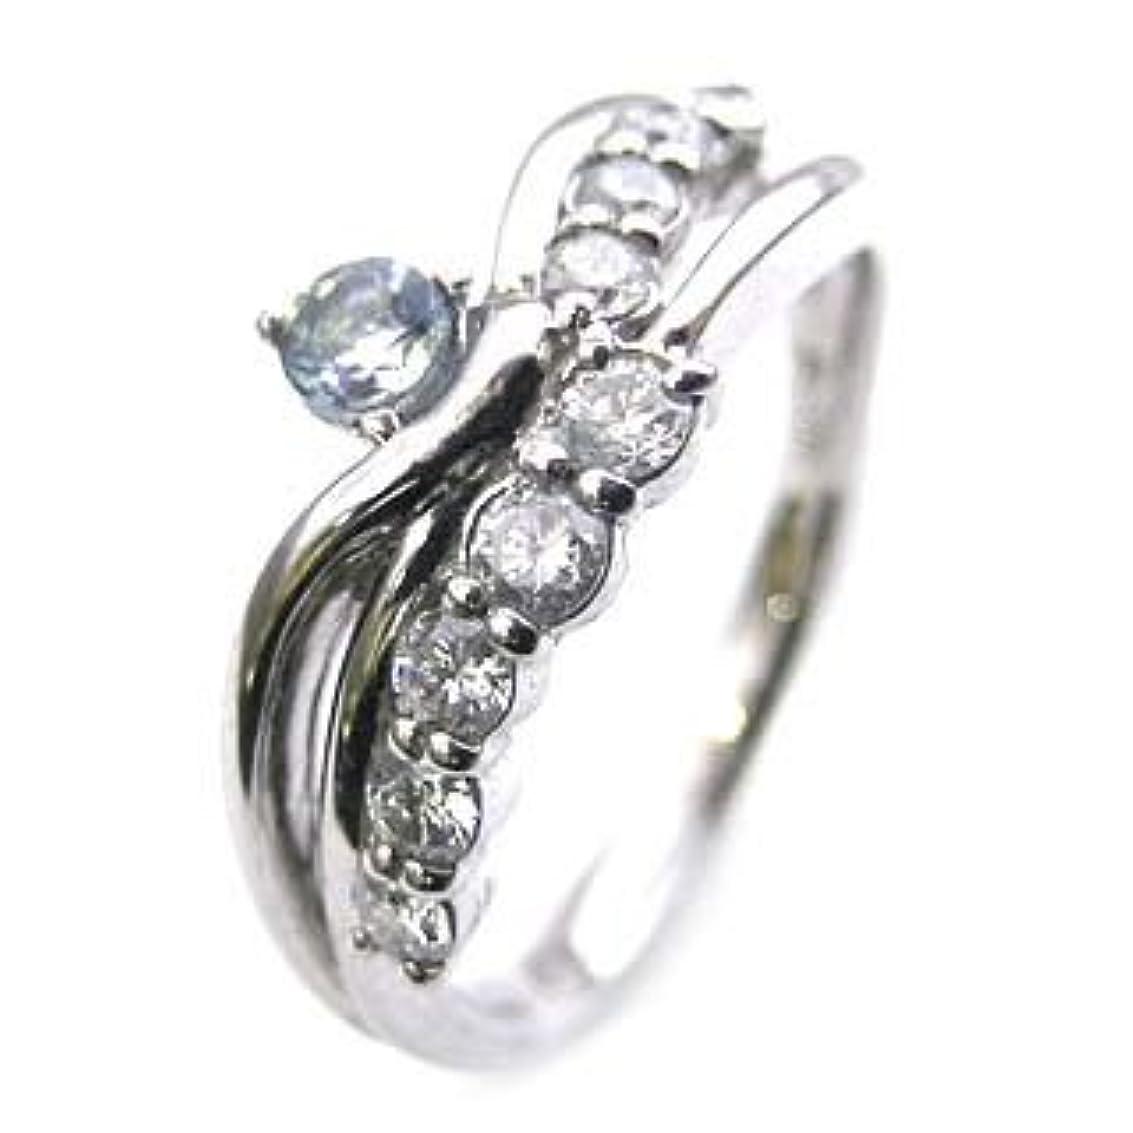 すき親指兵隊( 婚約指輪 ) ダイヤモンド プラチナエンゲージリング( 3月誕生石 ) アクアマリン #7